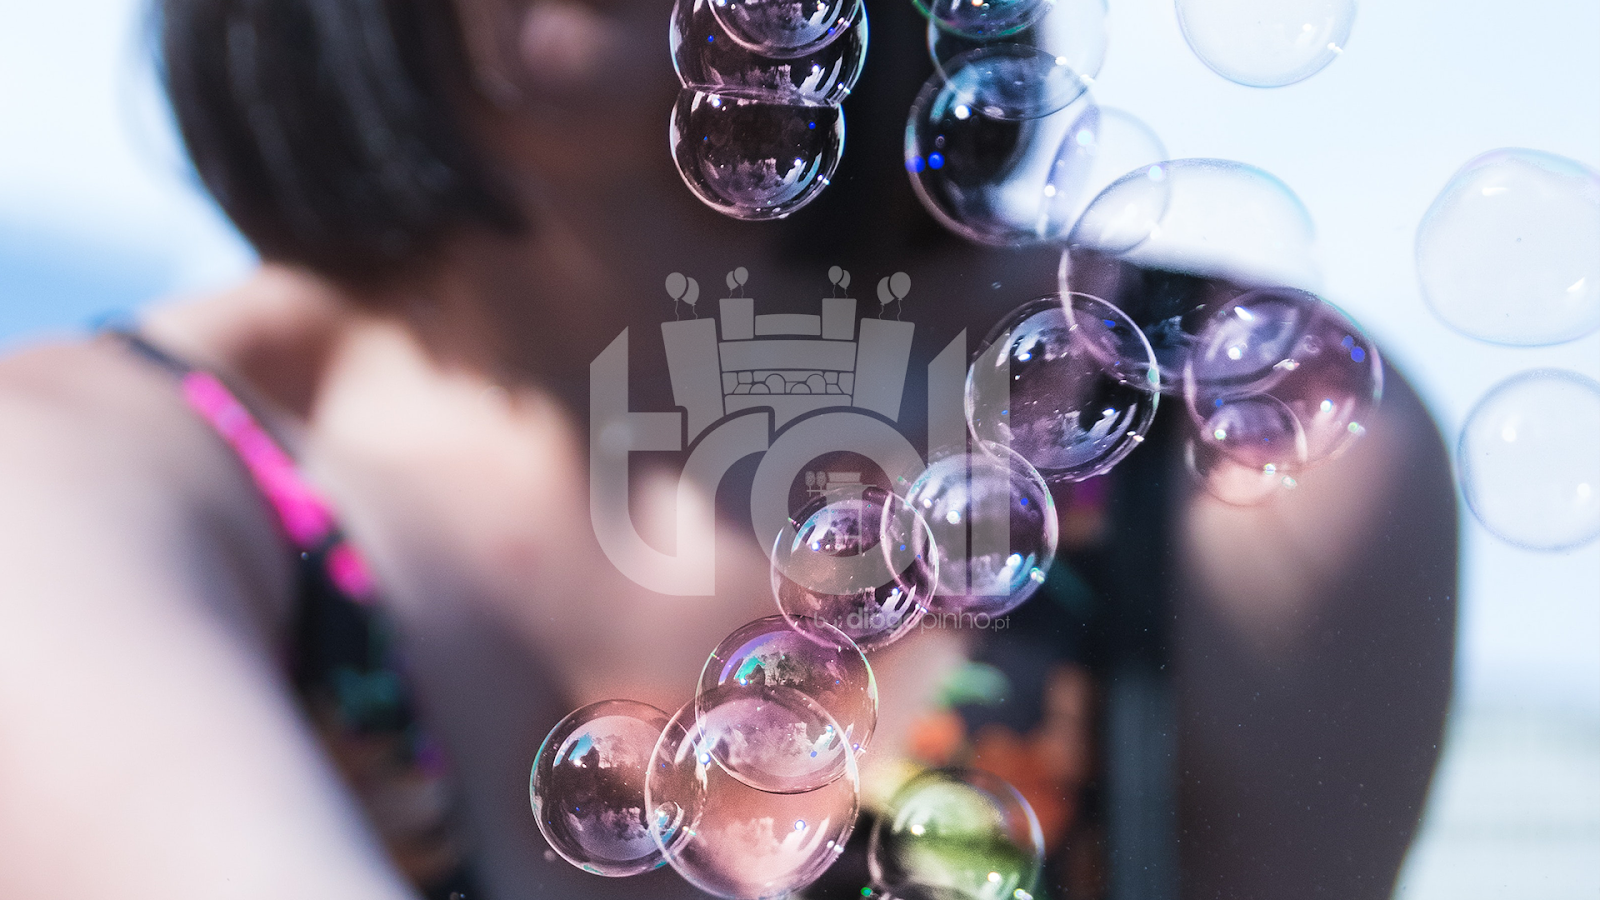 Bolas de sabão | Troll - Soluções para eventos